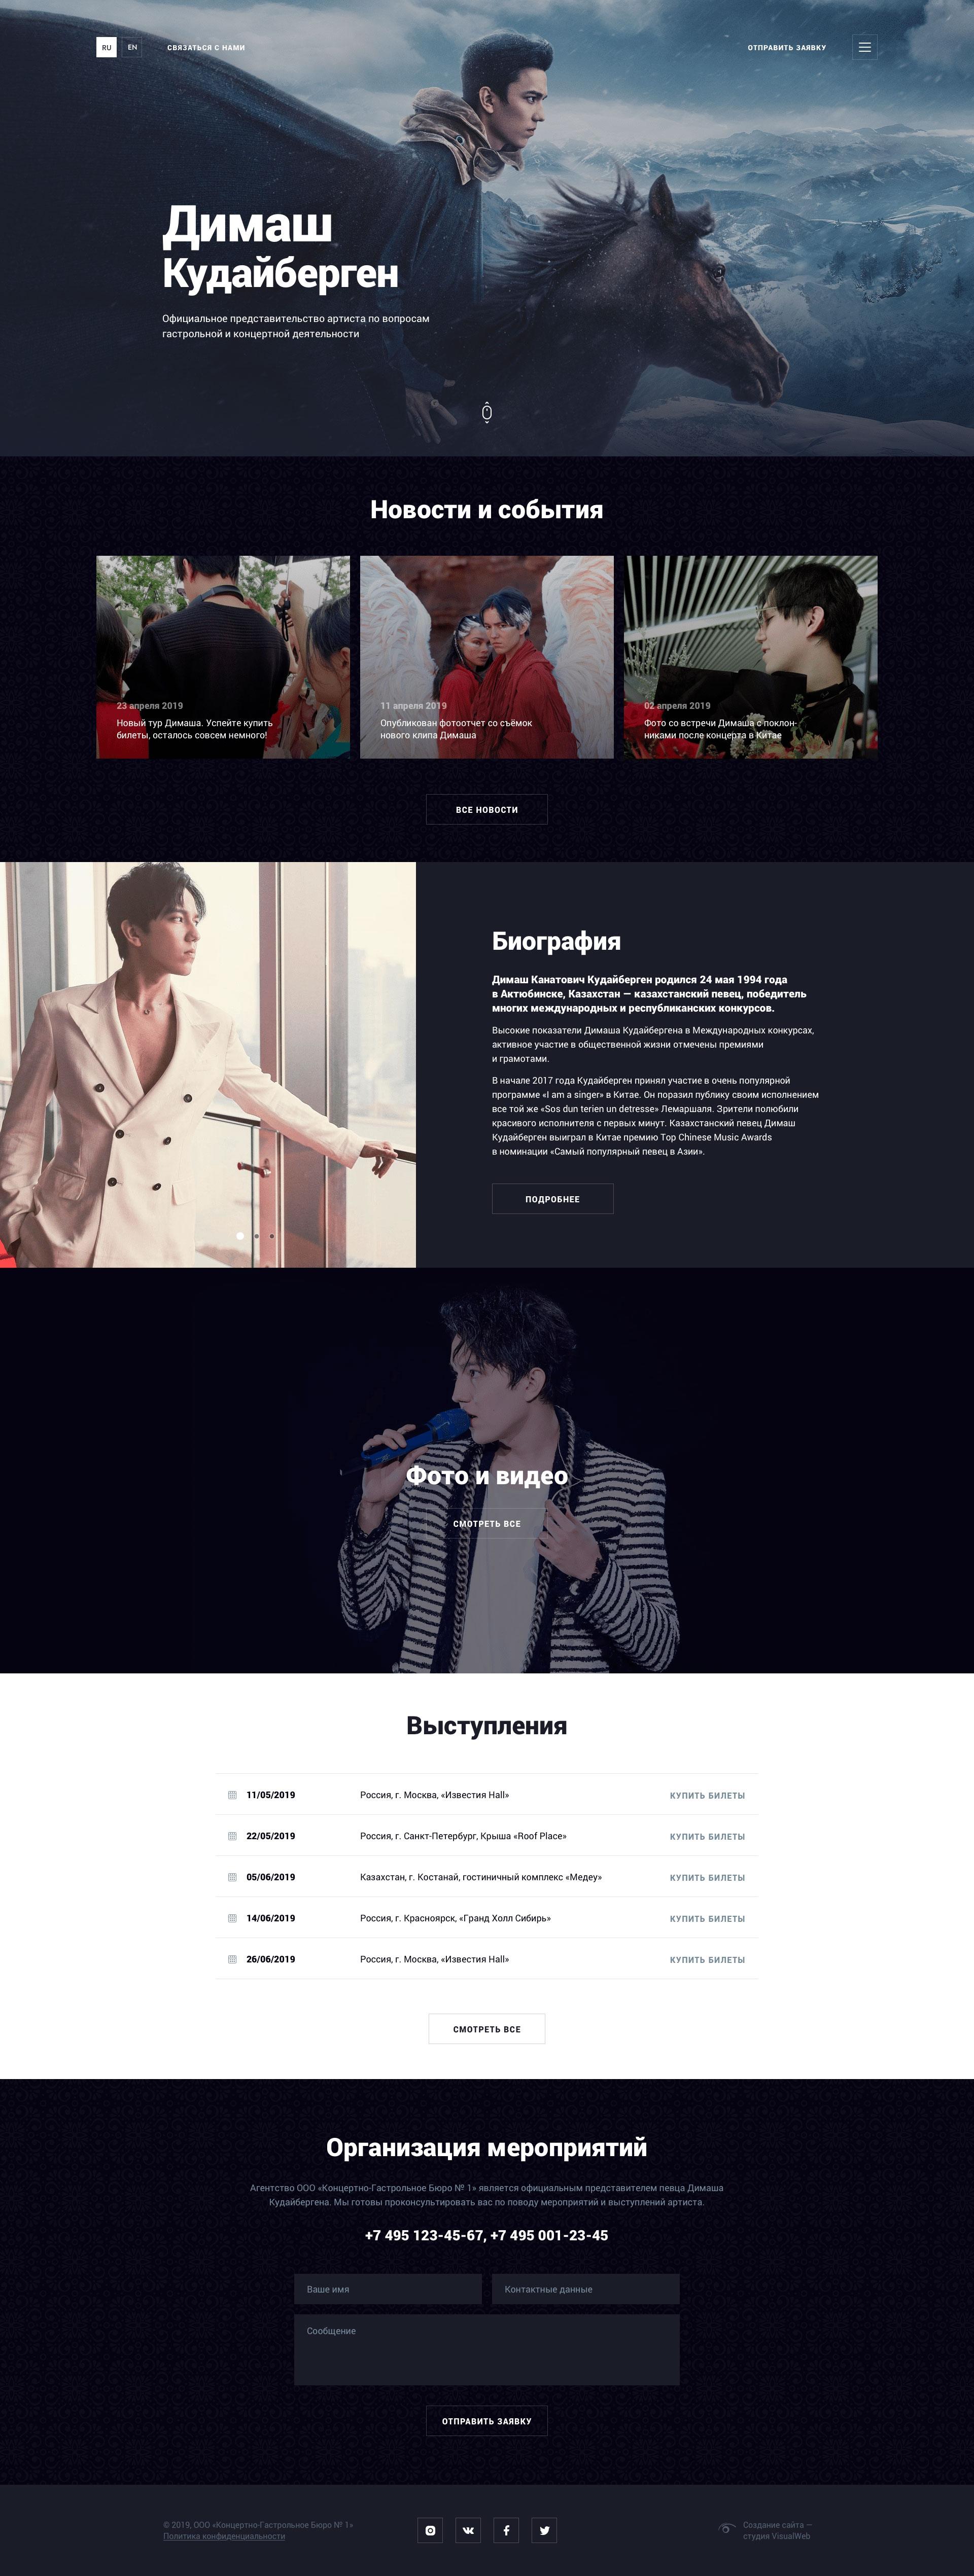 Создание сайта Димаша Кудайбергена